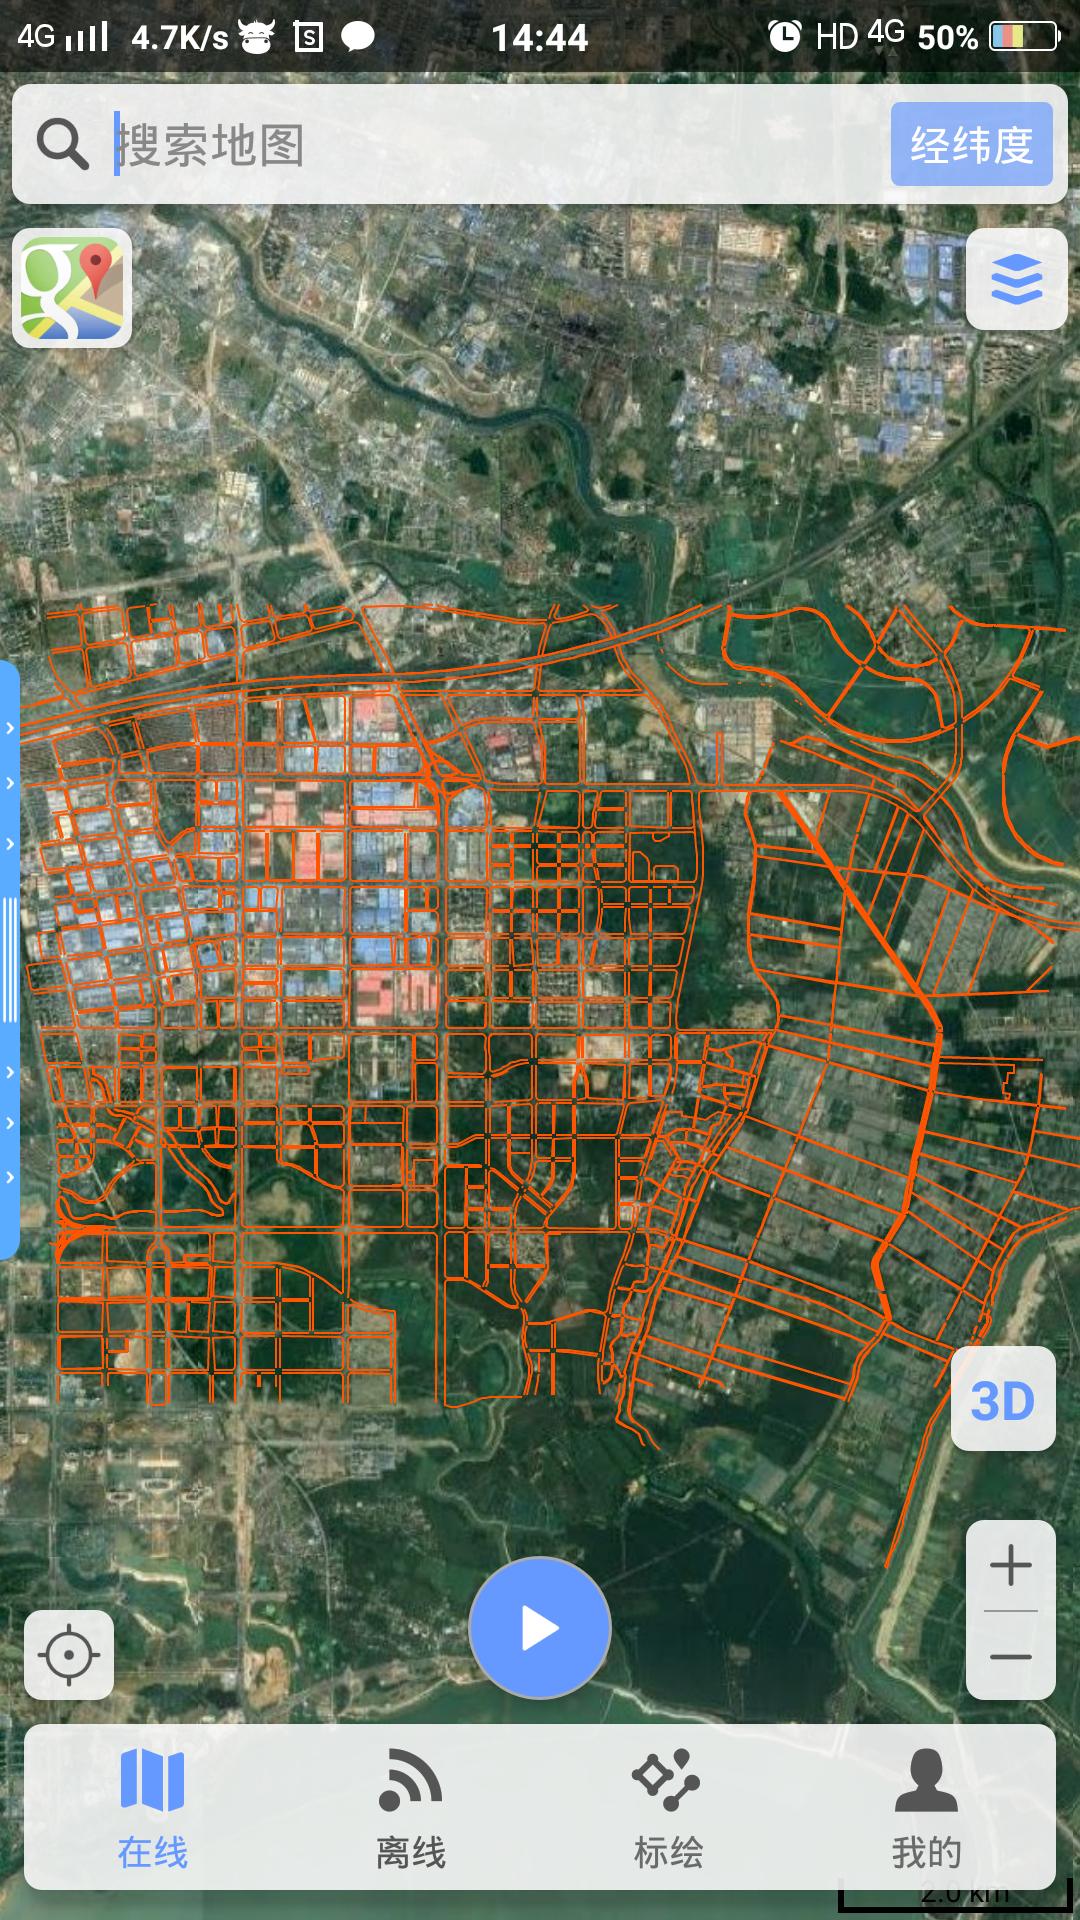 高清卫星地图app下载-高清卫星地图下载2016最新... -友情手机站